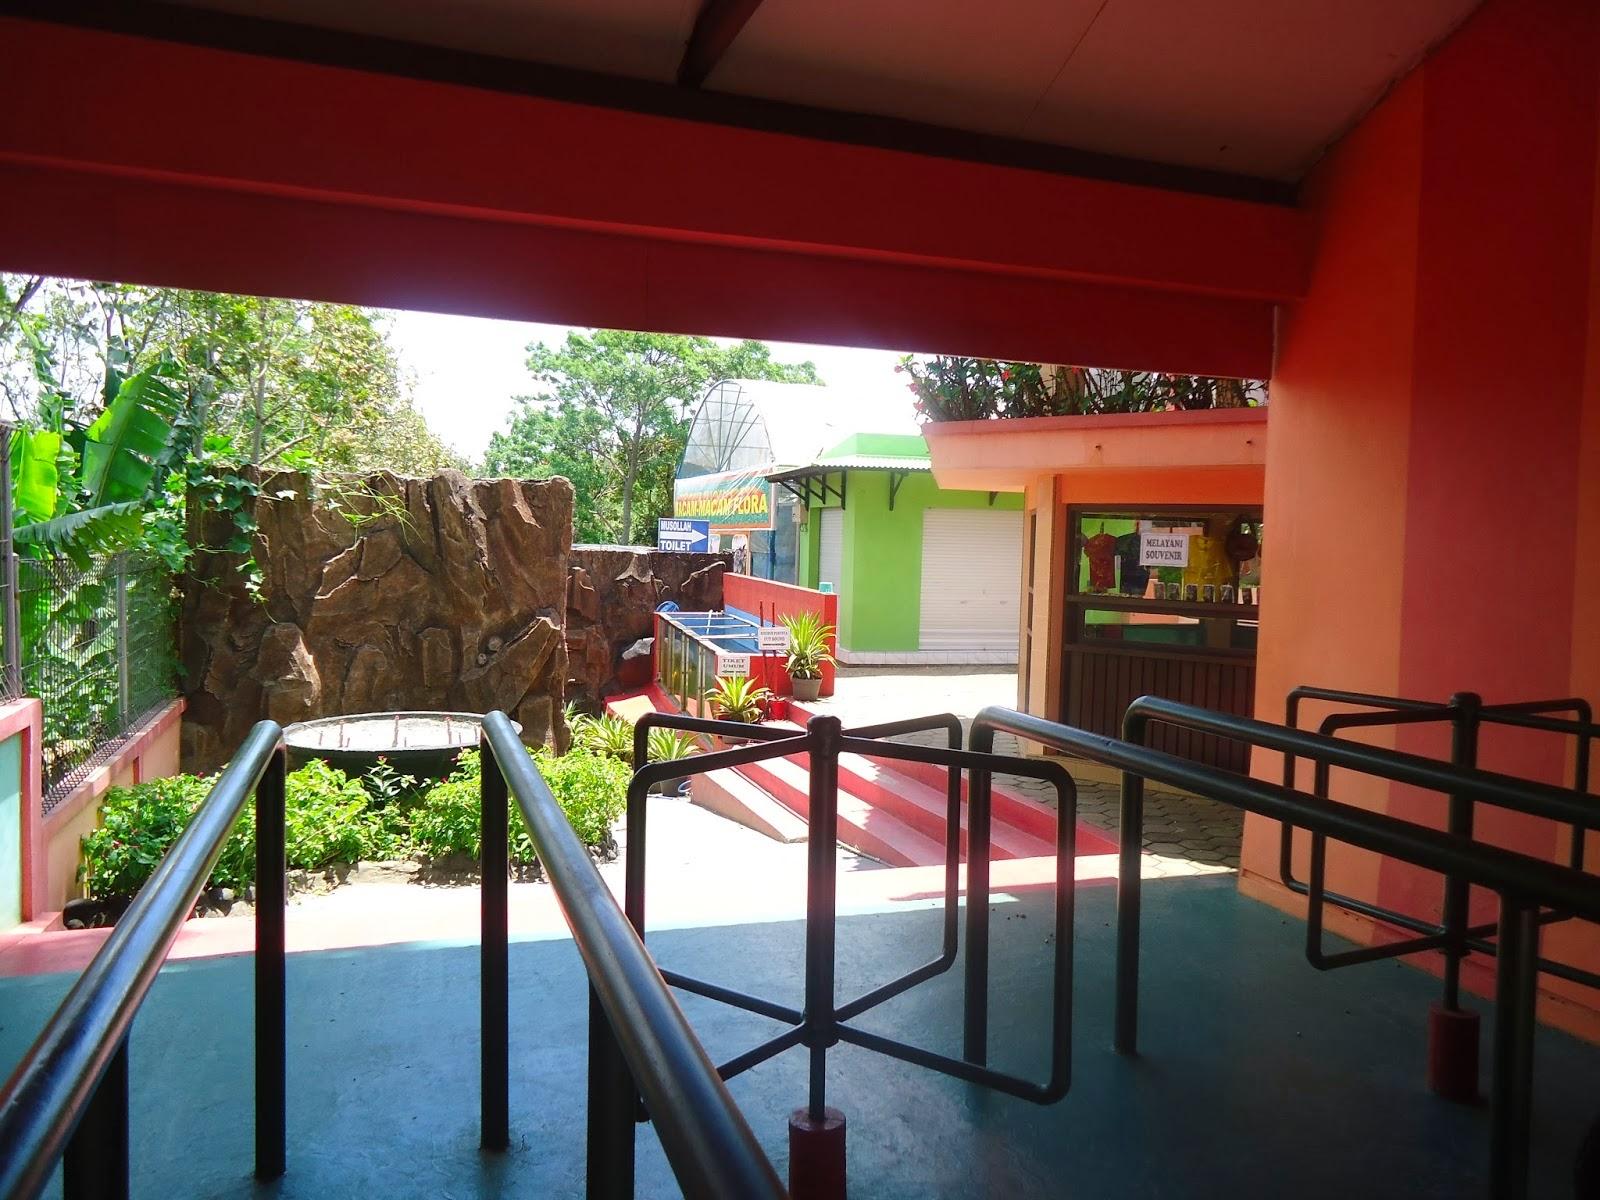 Bukit Flora Berkunjung Rekreasi Keluarga Bisa Dijadikan Ajang Edukasi Anak